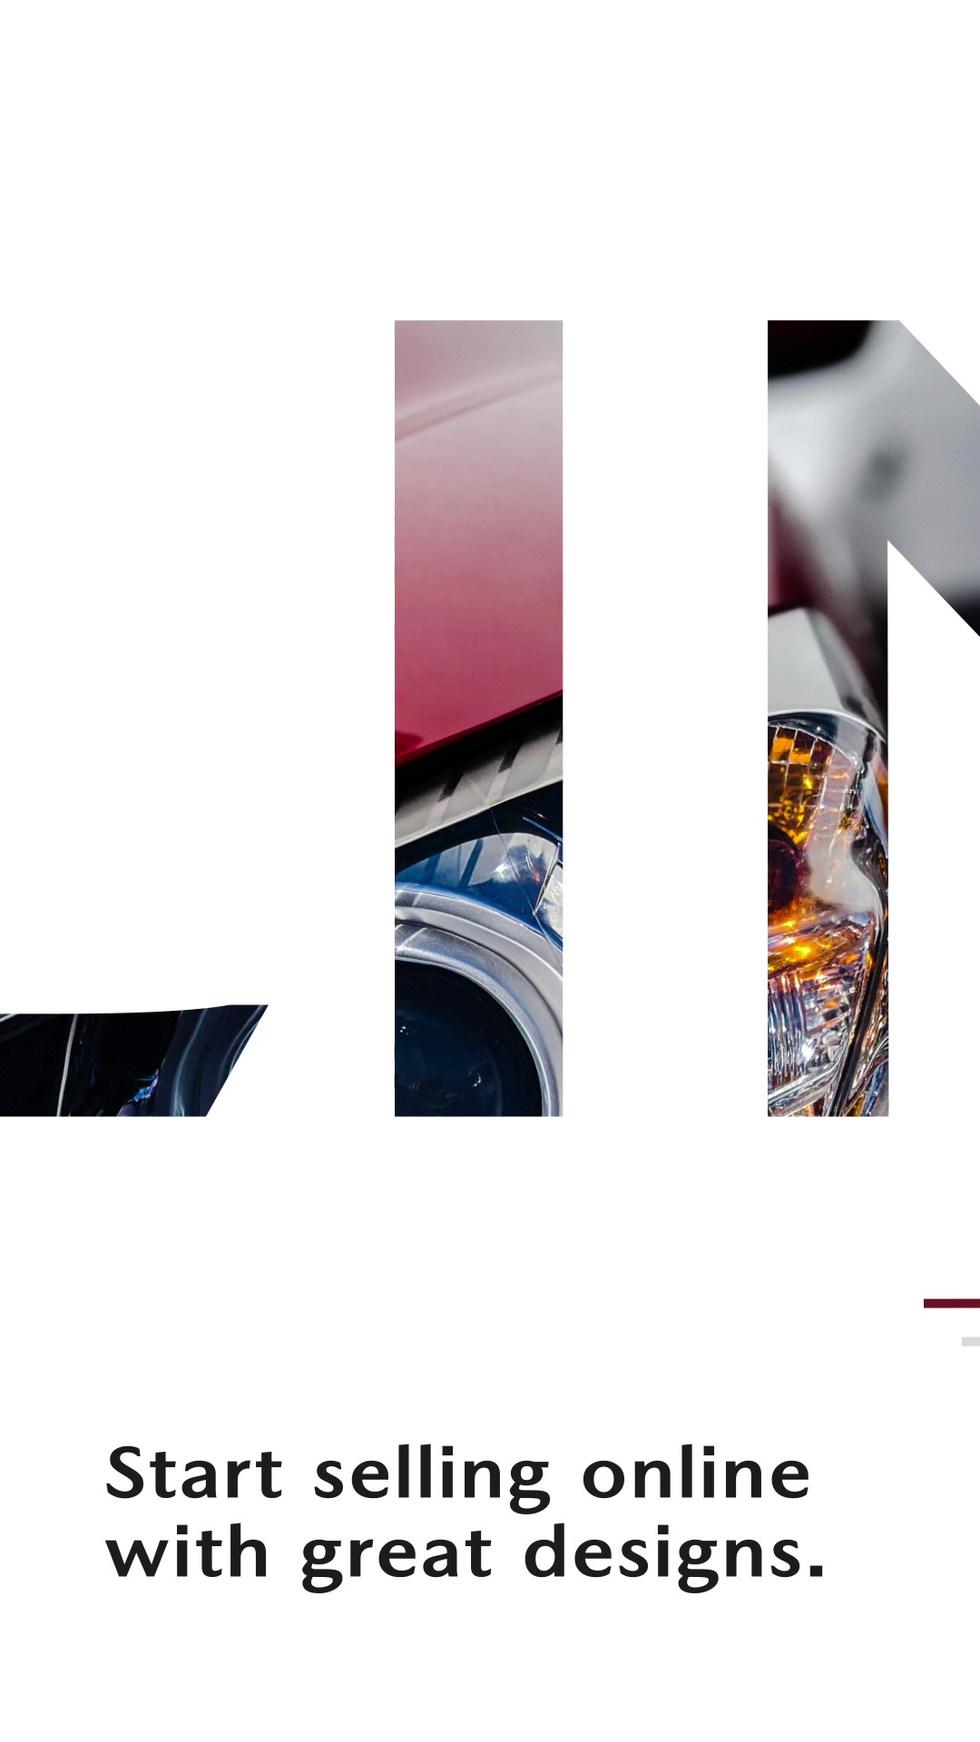 Mazda instagram story 14-05-20.mp4